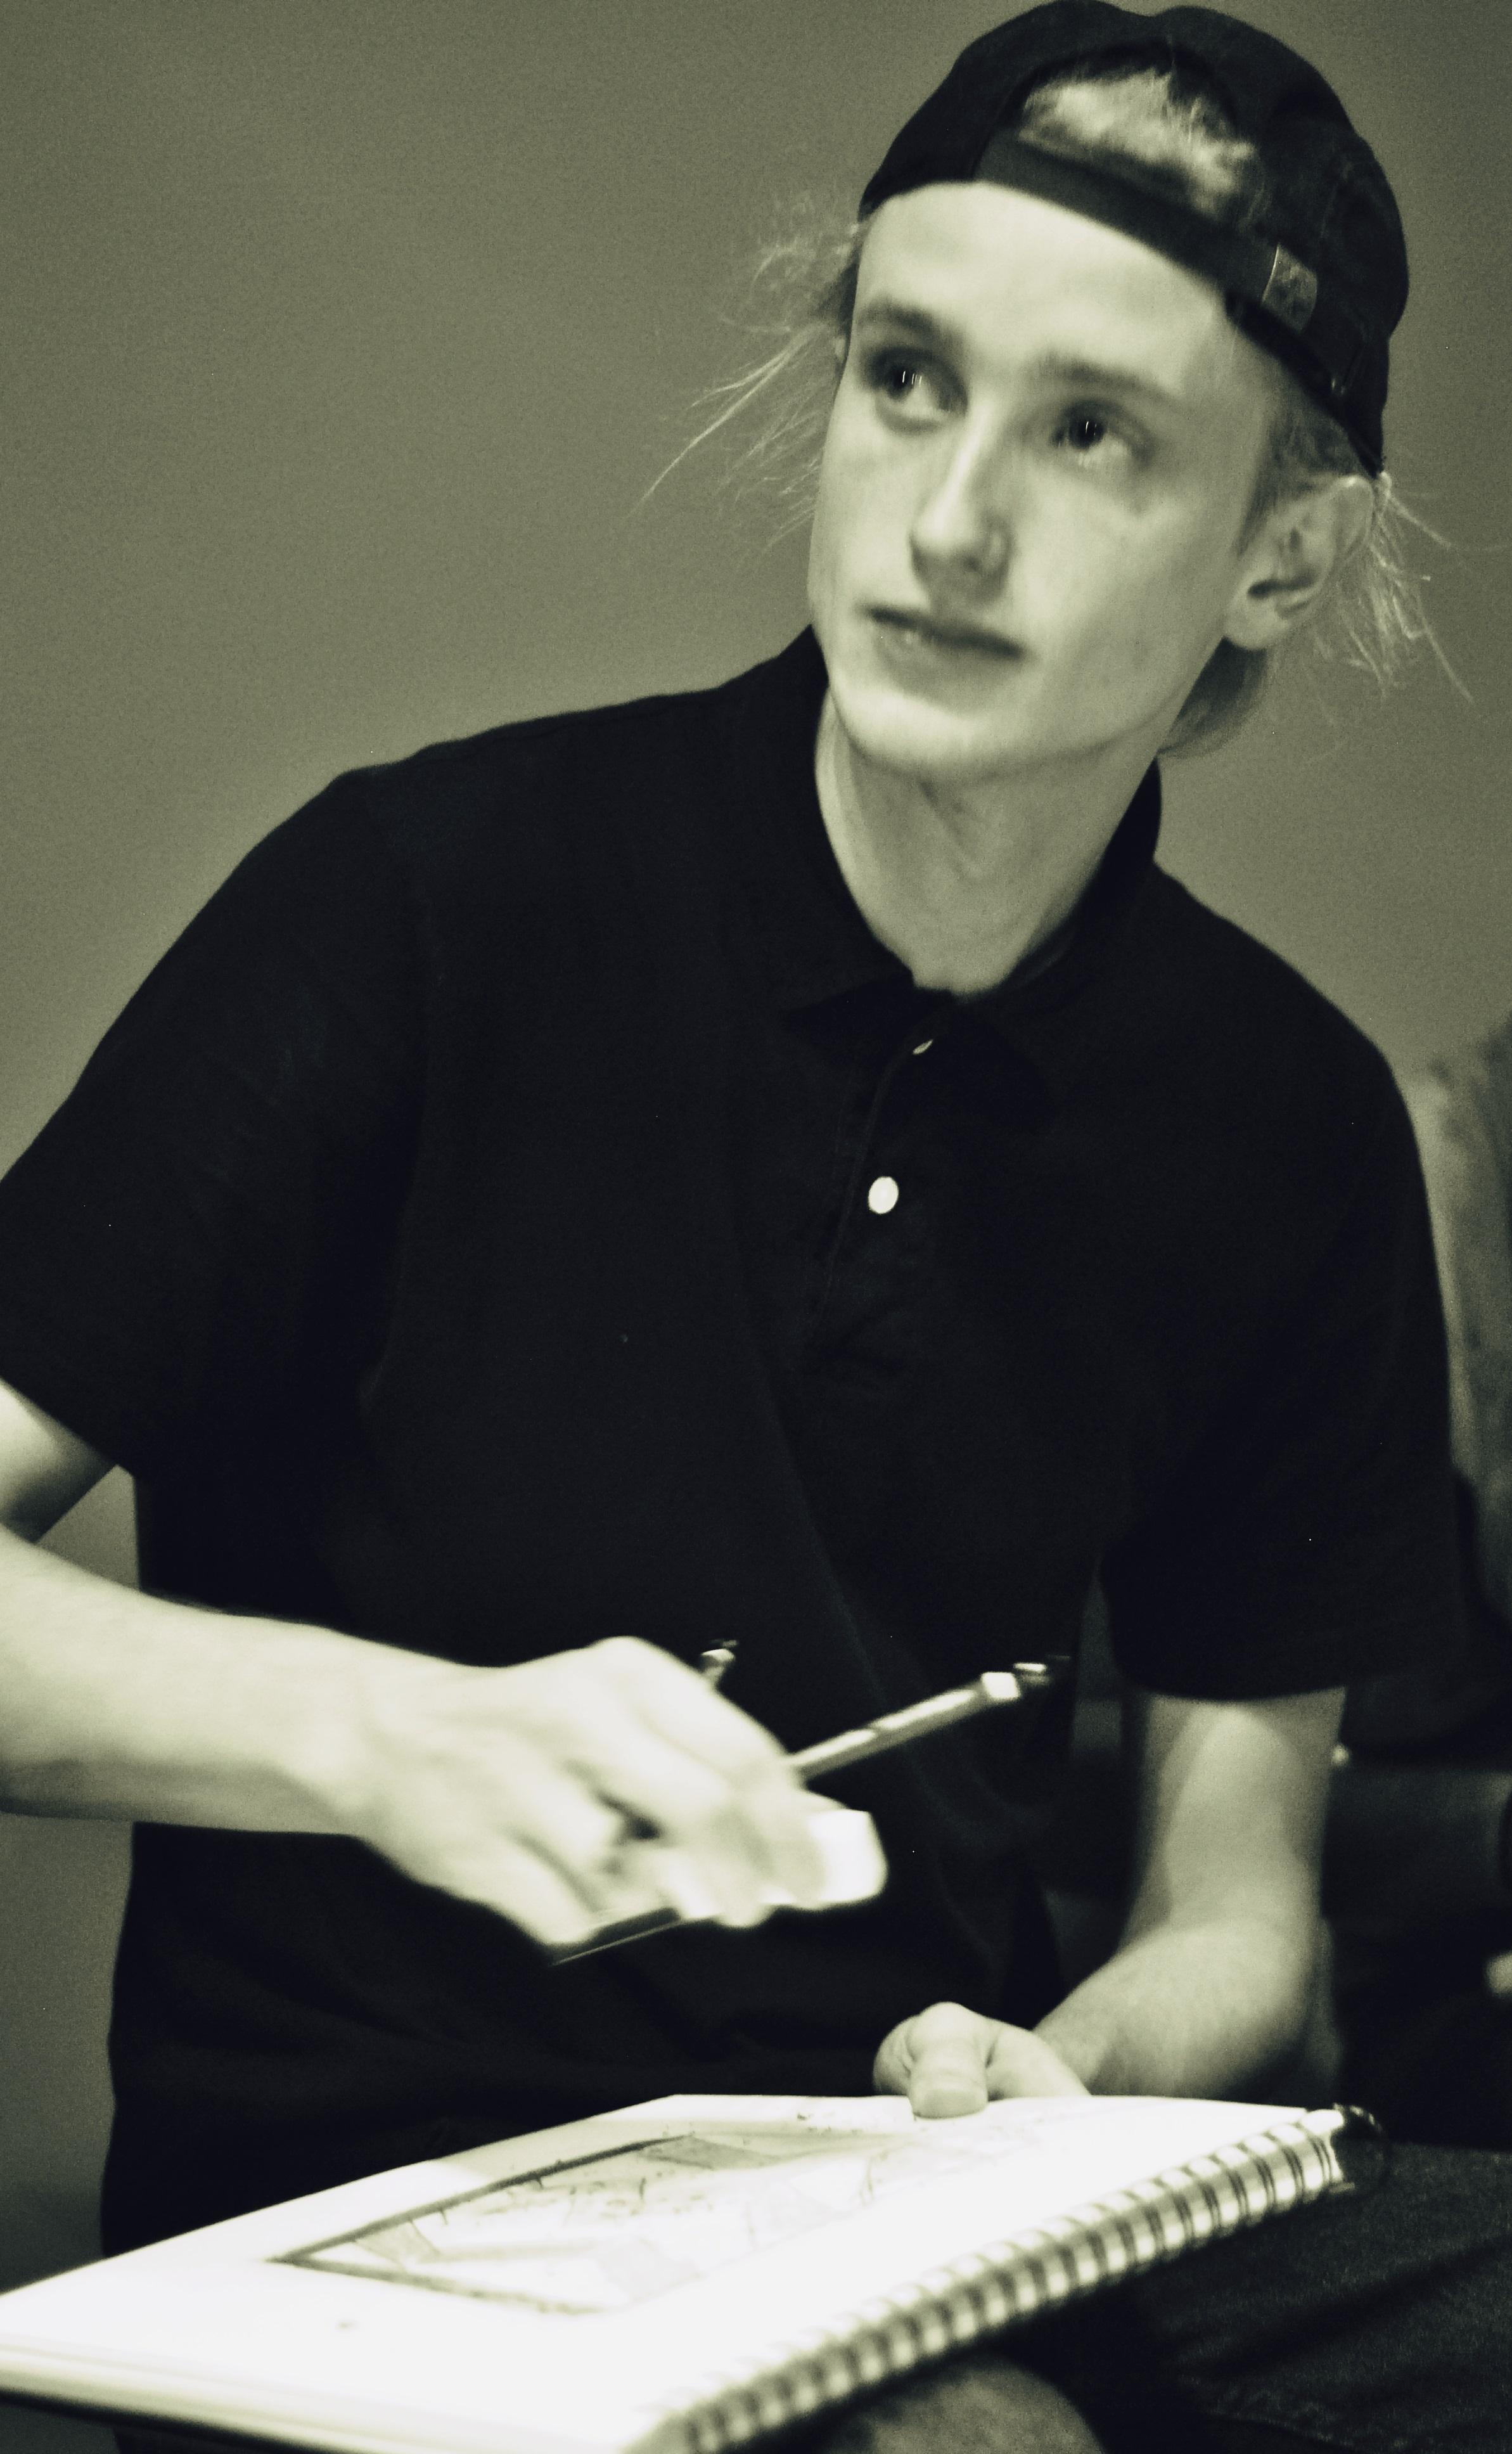 Devon Kronenberg